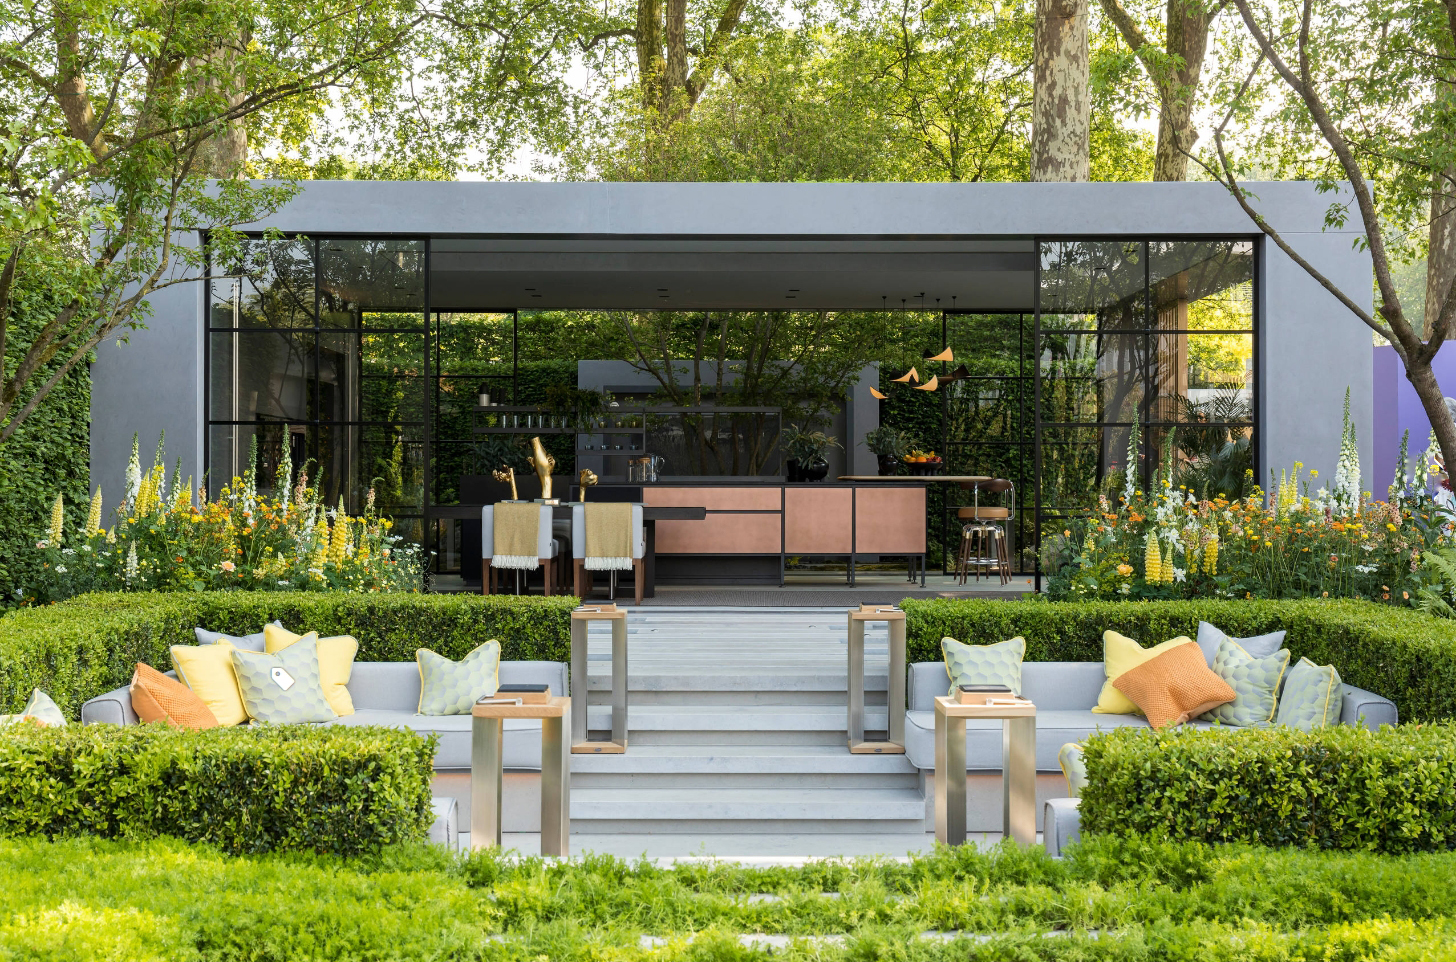 庭院设计:满园花园关不住!一个唯美简约的下沉式别墅别墅刘章斌上海绿色买图片